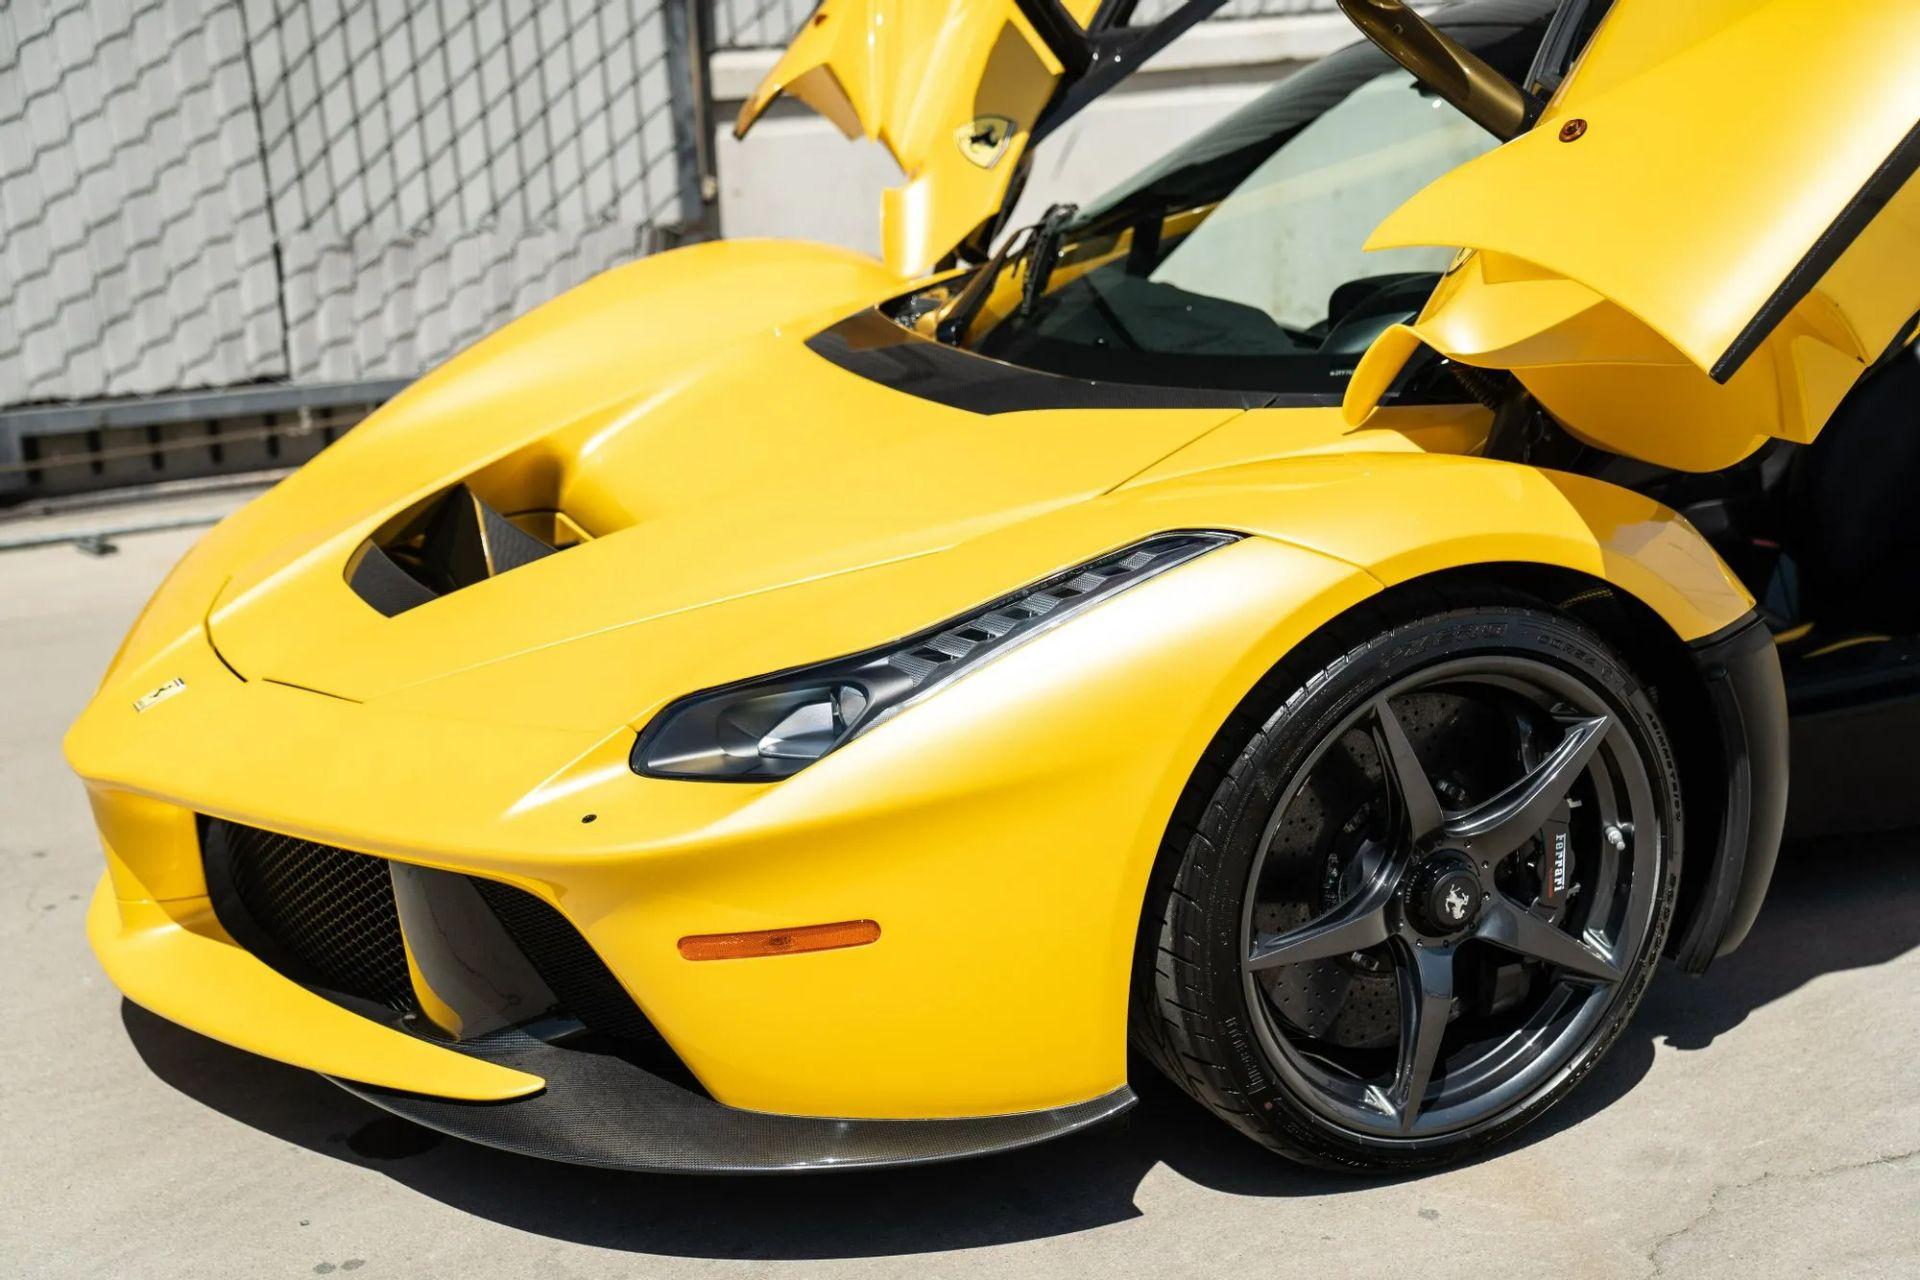 2015-La-Ferrari-Giallo-Triplo-Strato-6